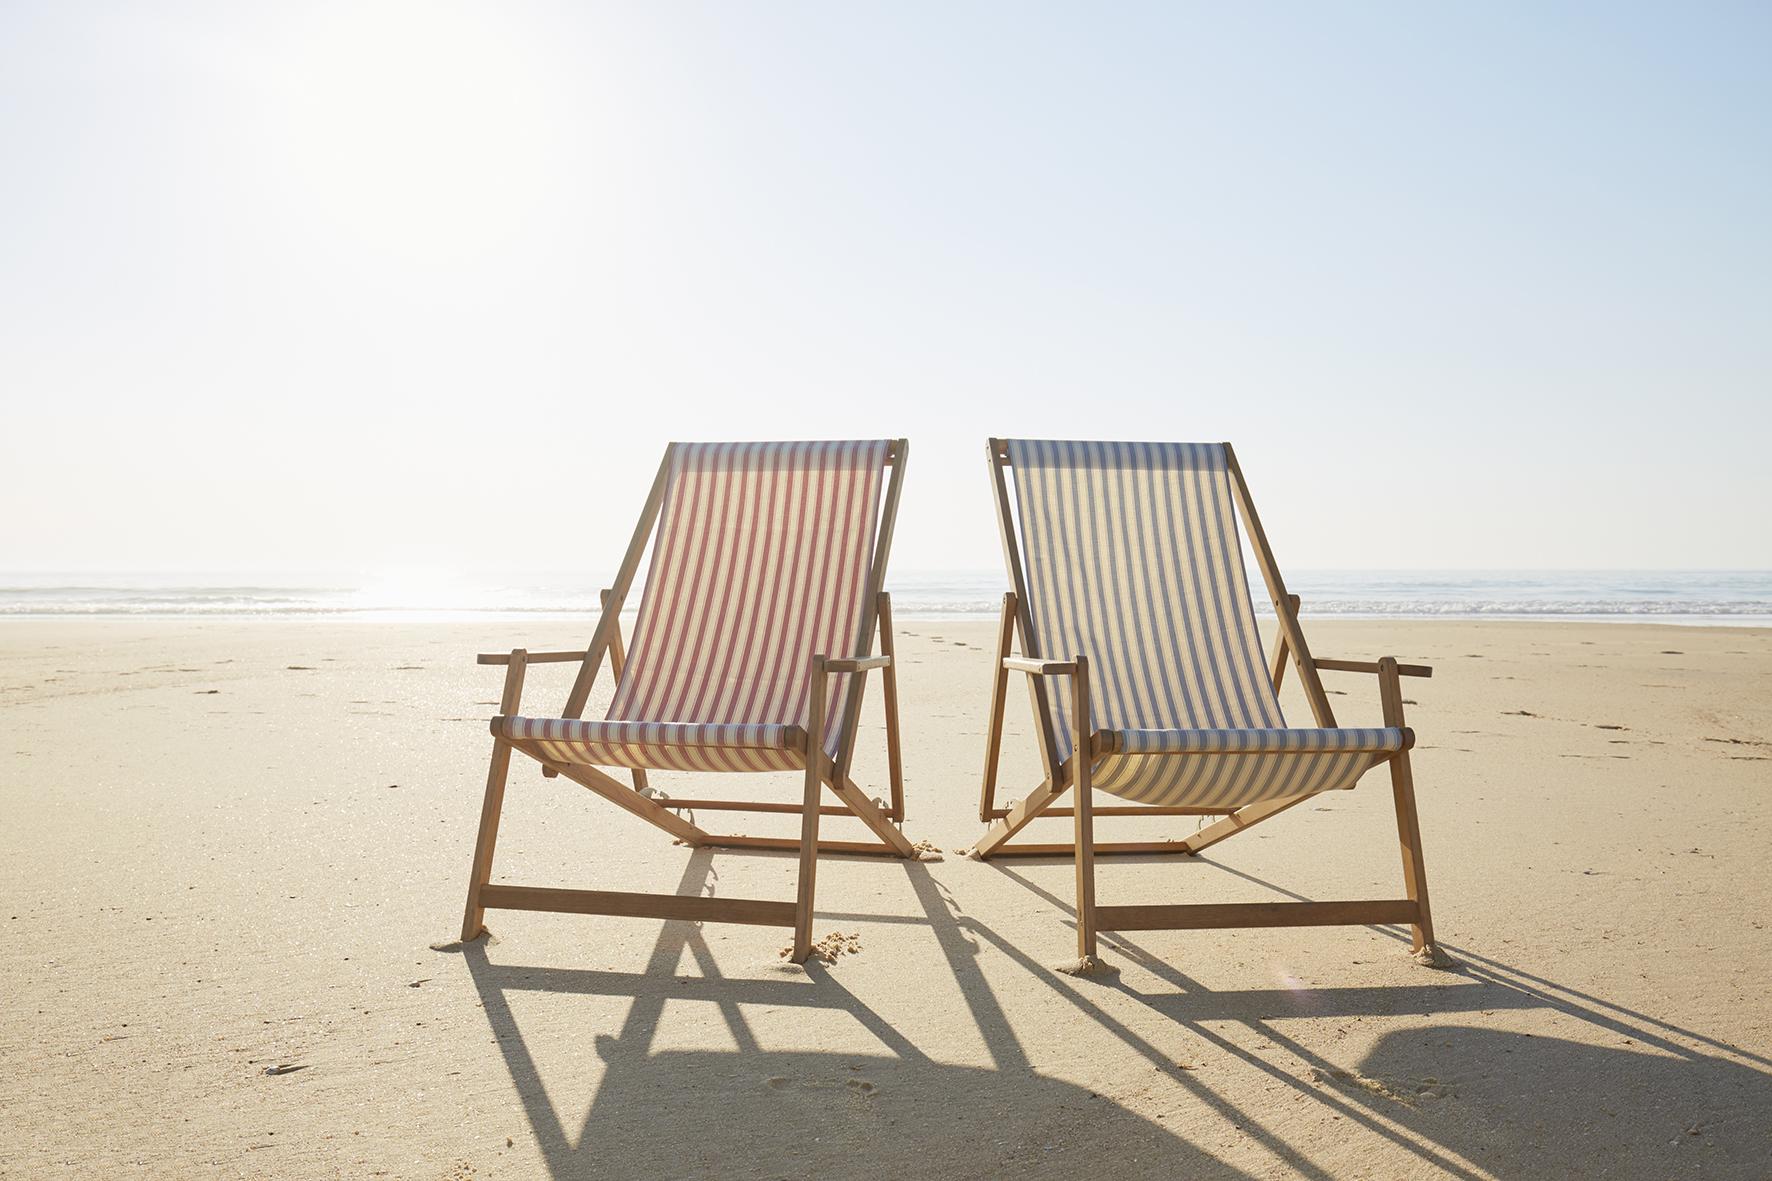 Op deze foto zie je twee strandstoelen op het strand staan